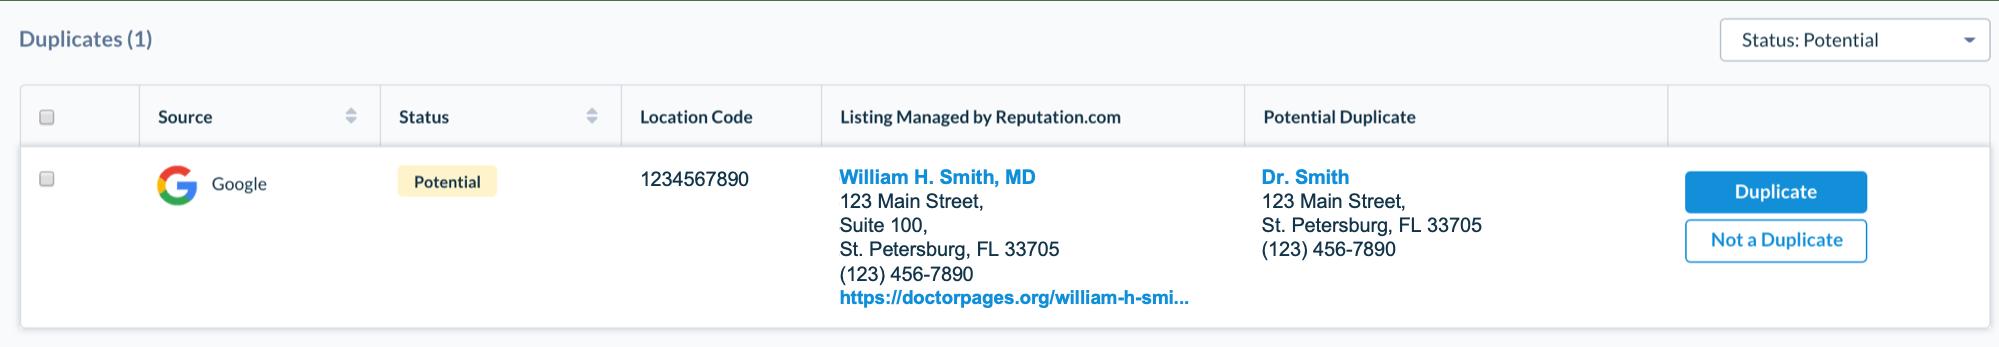 Duplicate business listings screen shot.